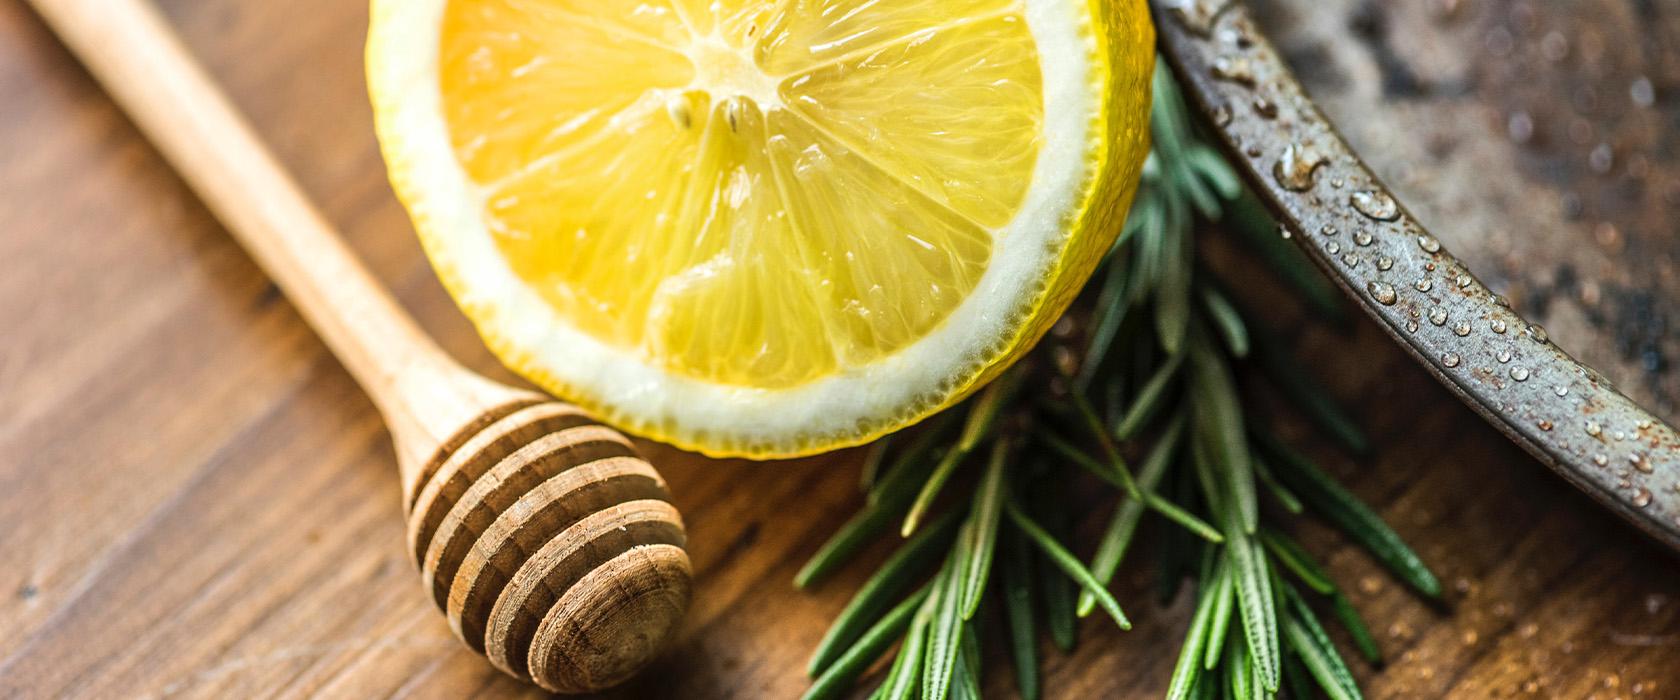 Чем полезна вода с лимоном натощак для организма